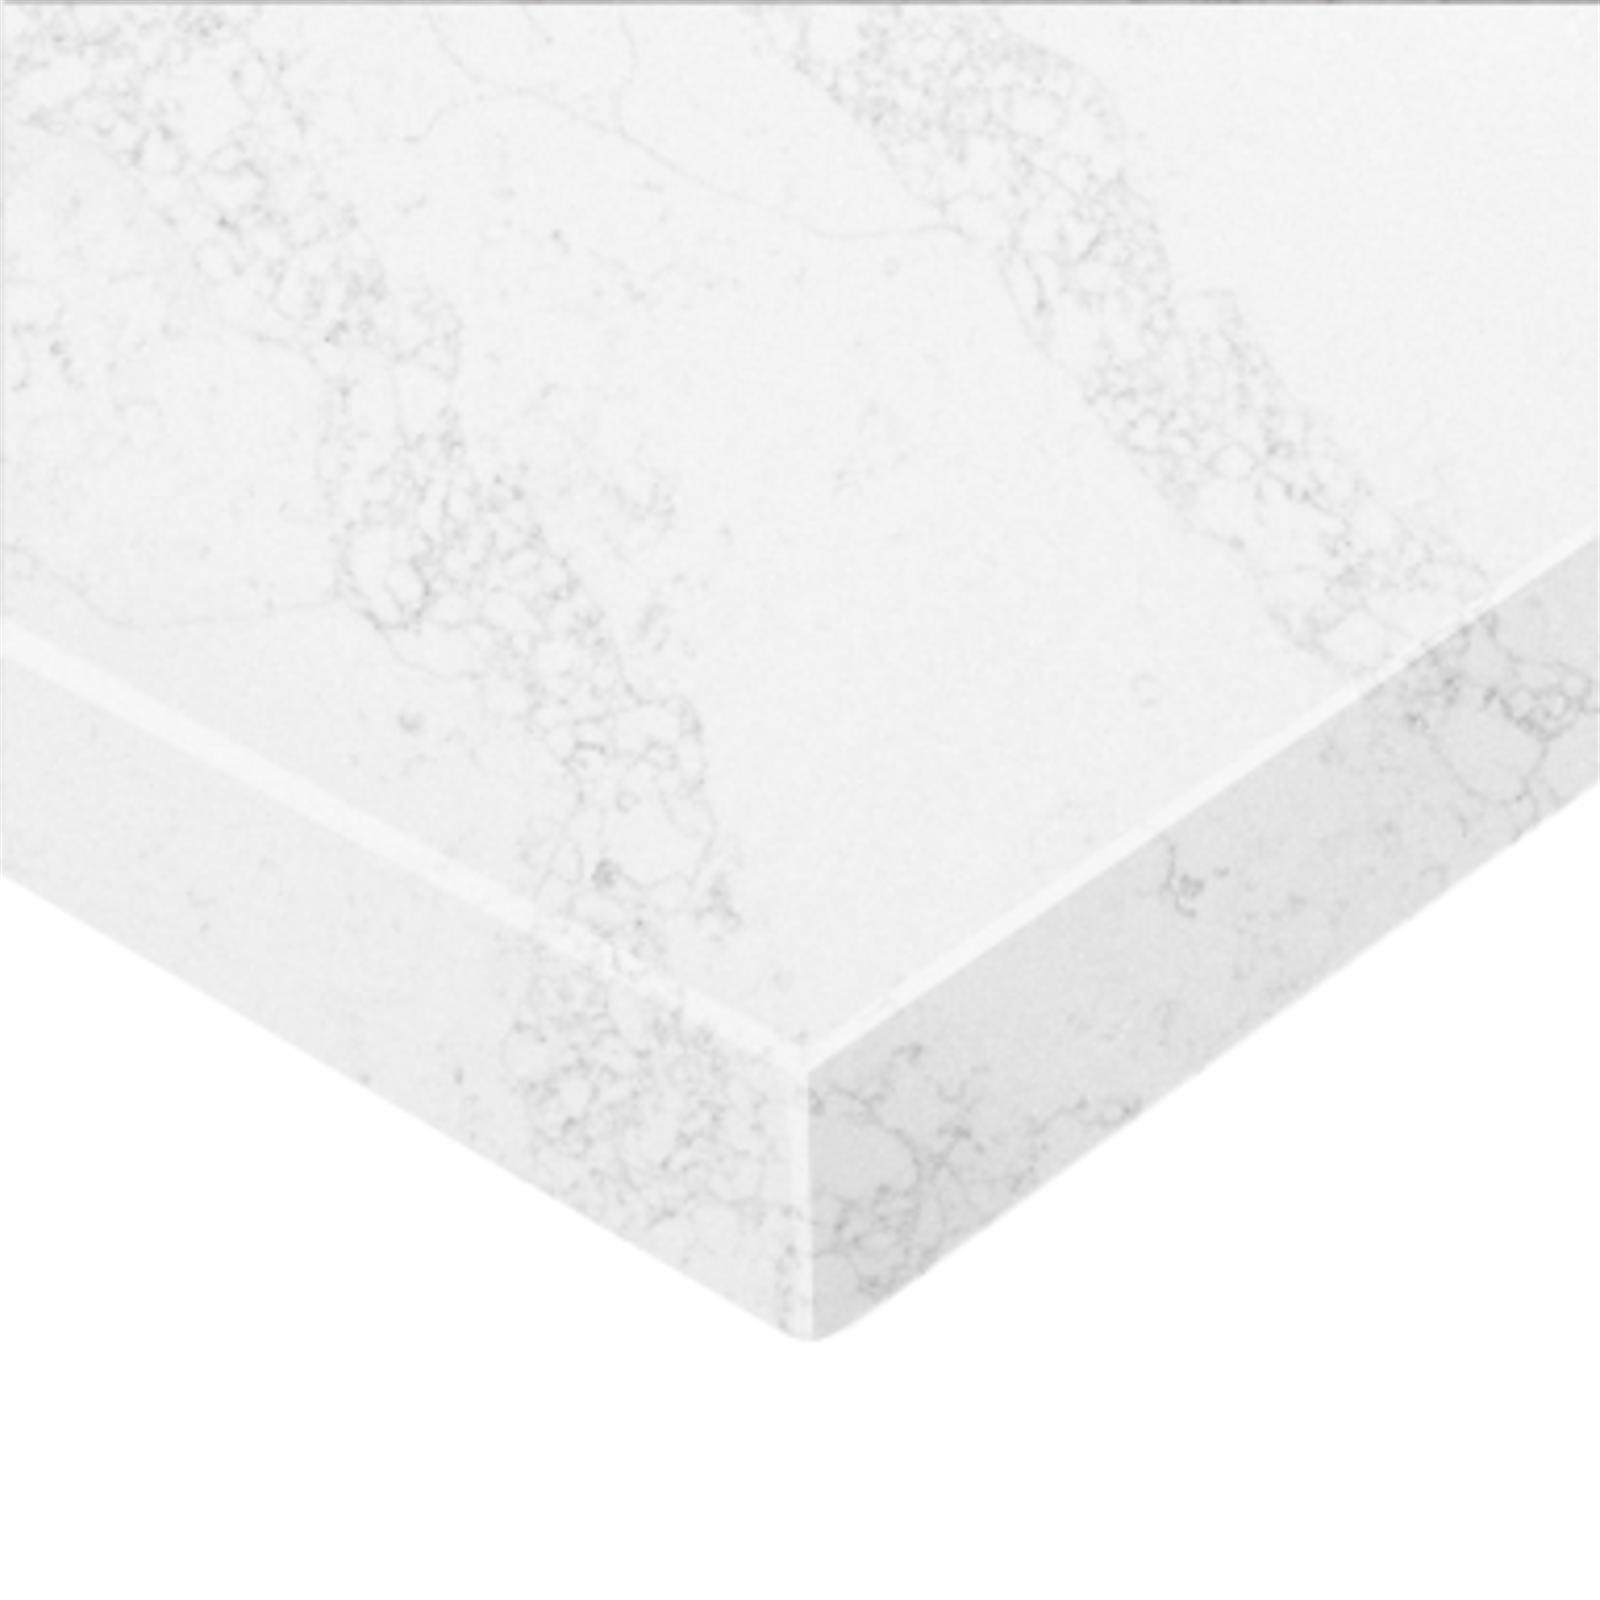 Essential Stone 20mm Square Premium Stone Benchtop - Calacutta Max